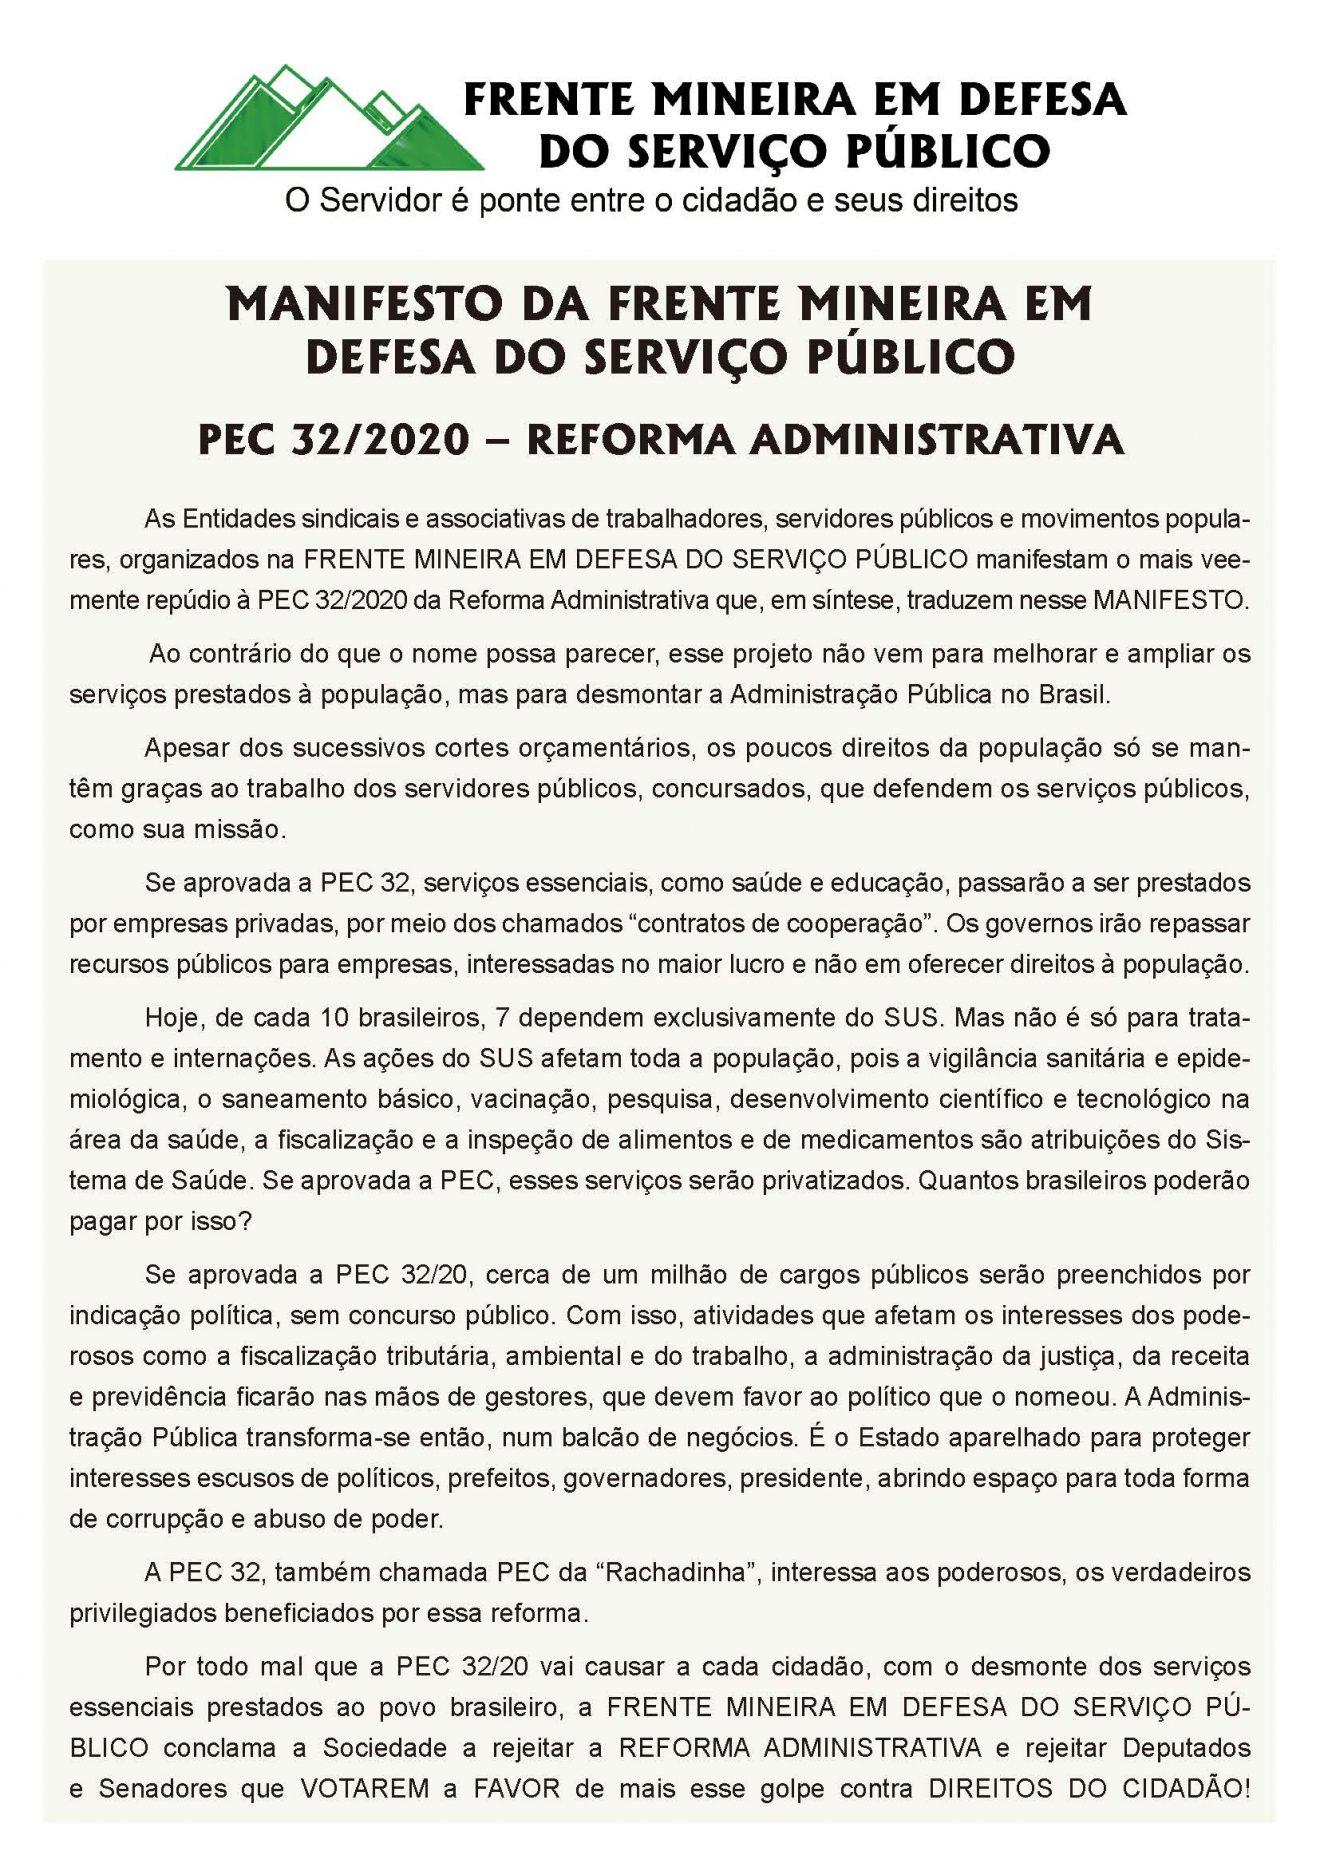 Manifesto da Frente Mineira em Defesa do Serviço Público contra a PEC 32/2020 - Reforma Administrativa 5